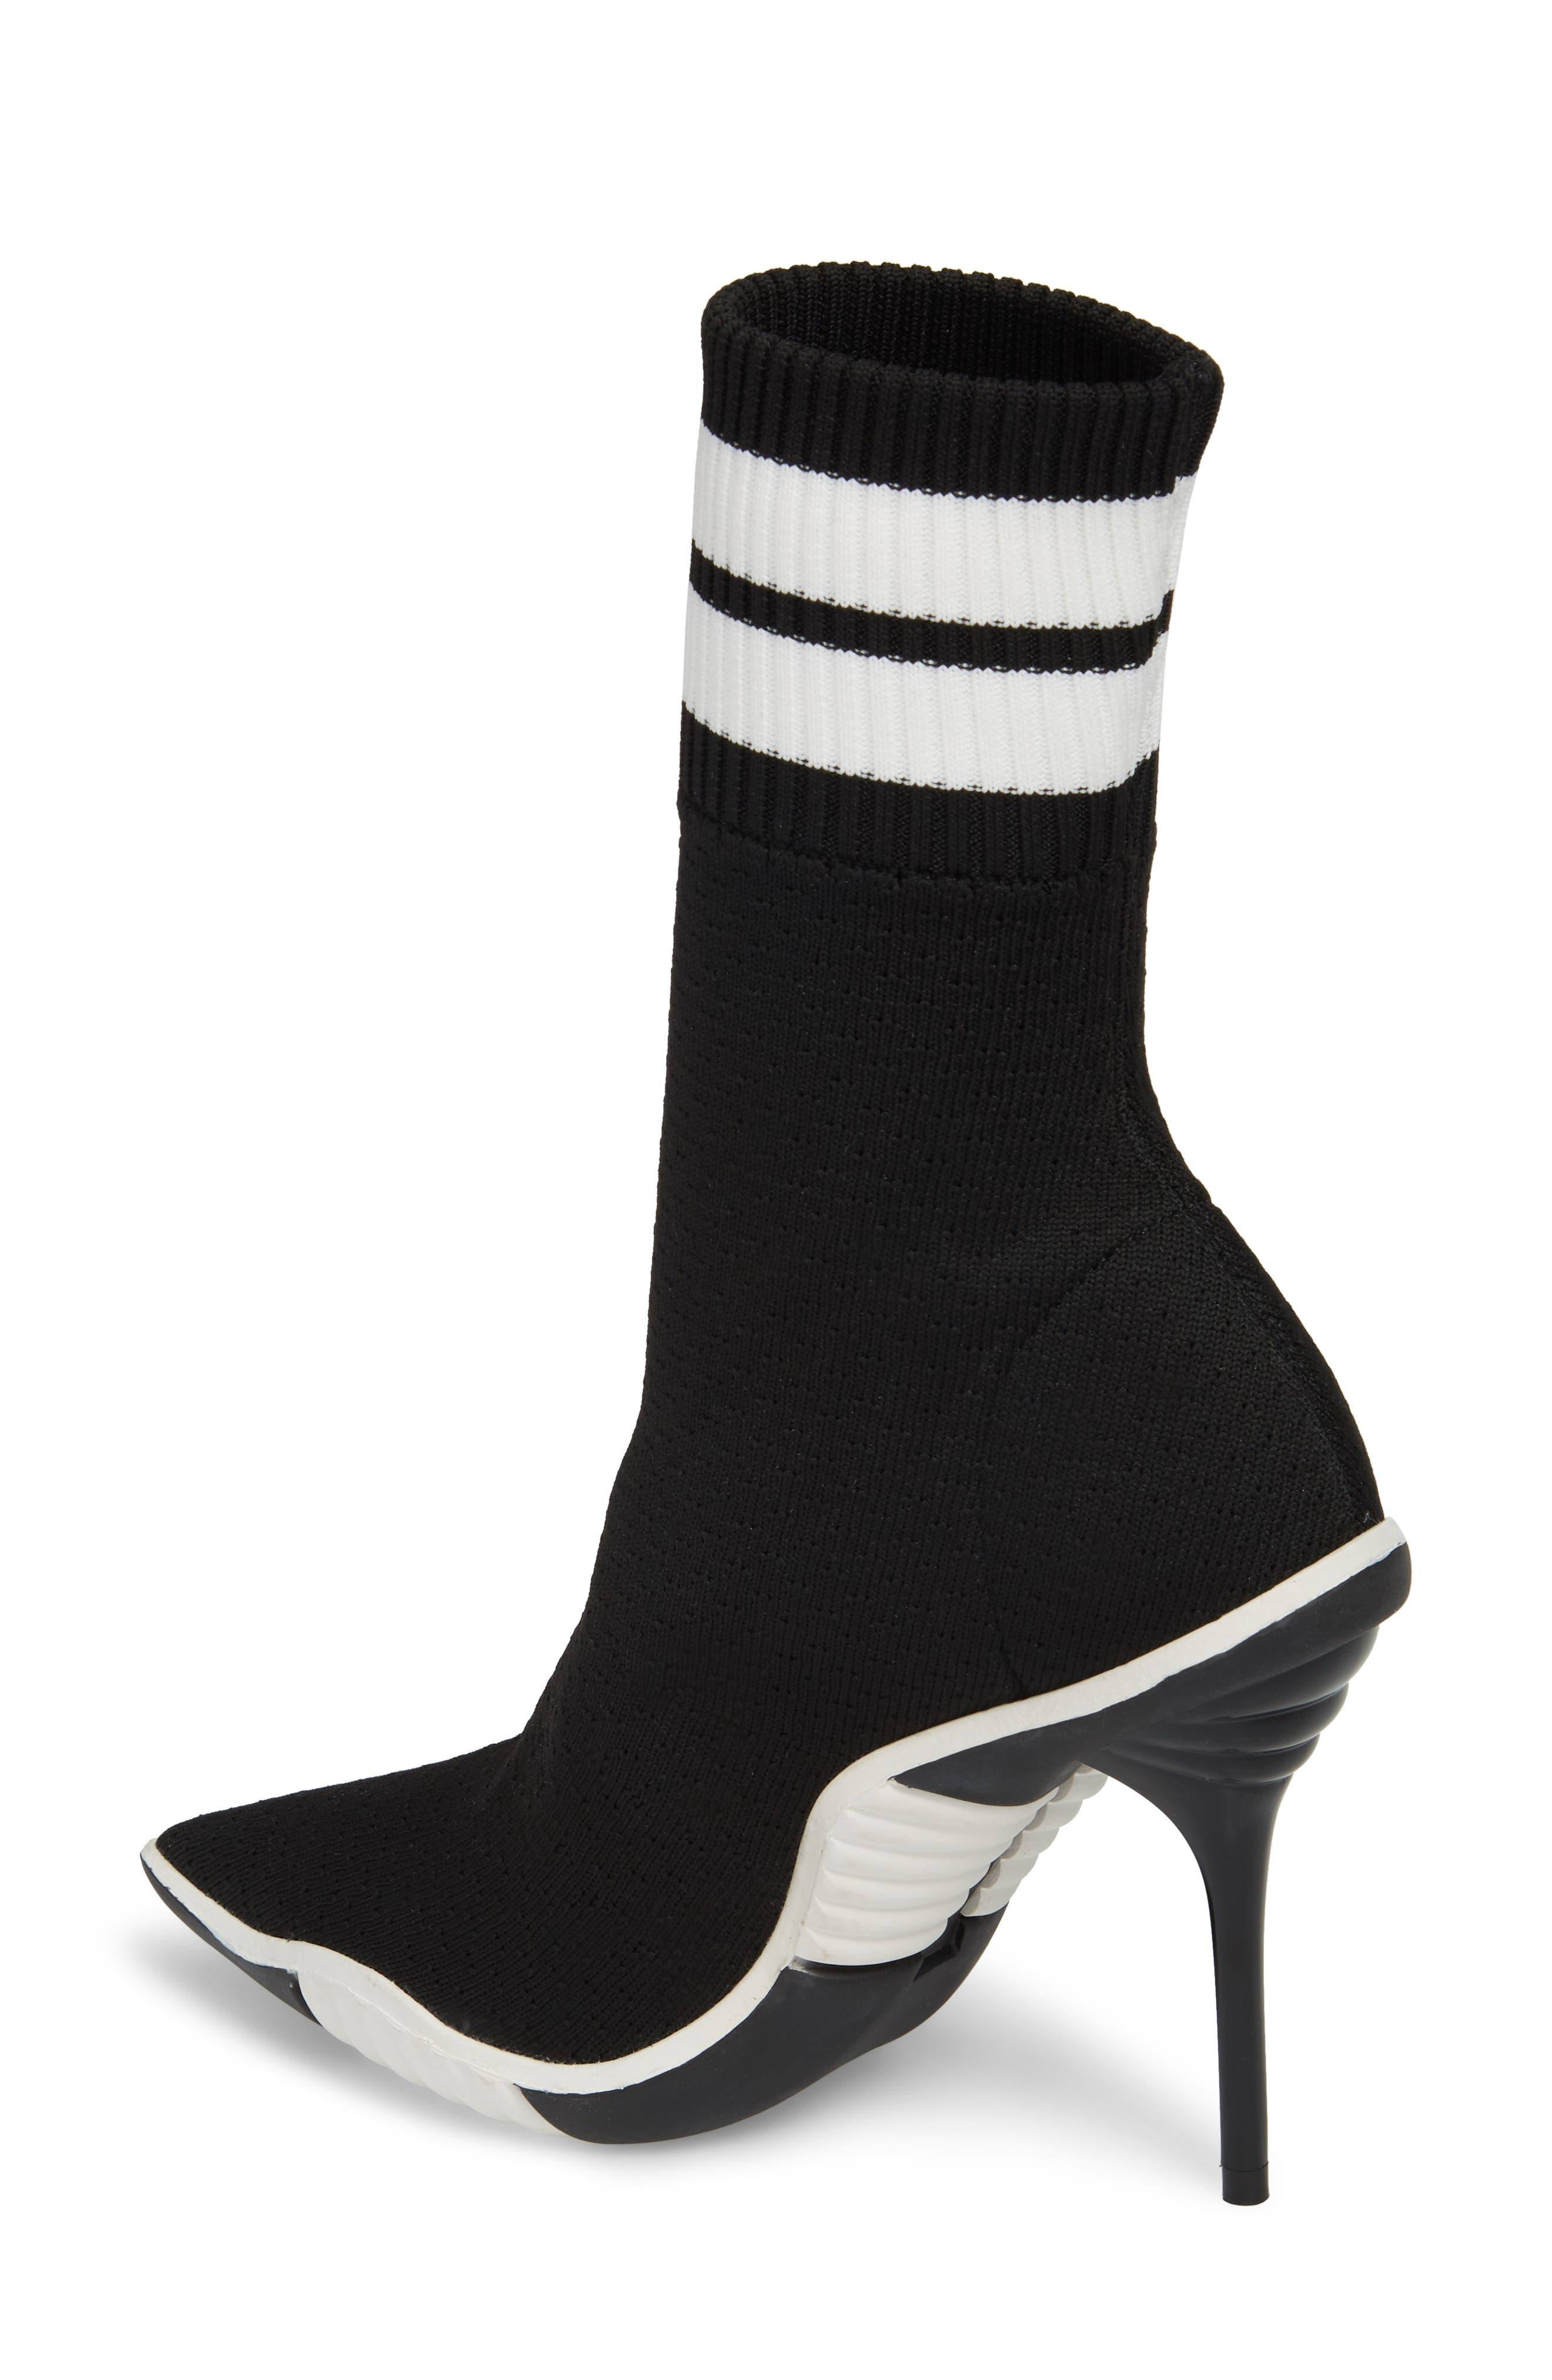 Goal Sock Sneaker Bootie,                             Alternate thumbnail 2, color,                             BLACK/ WHITE FABRIC